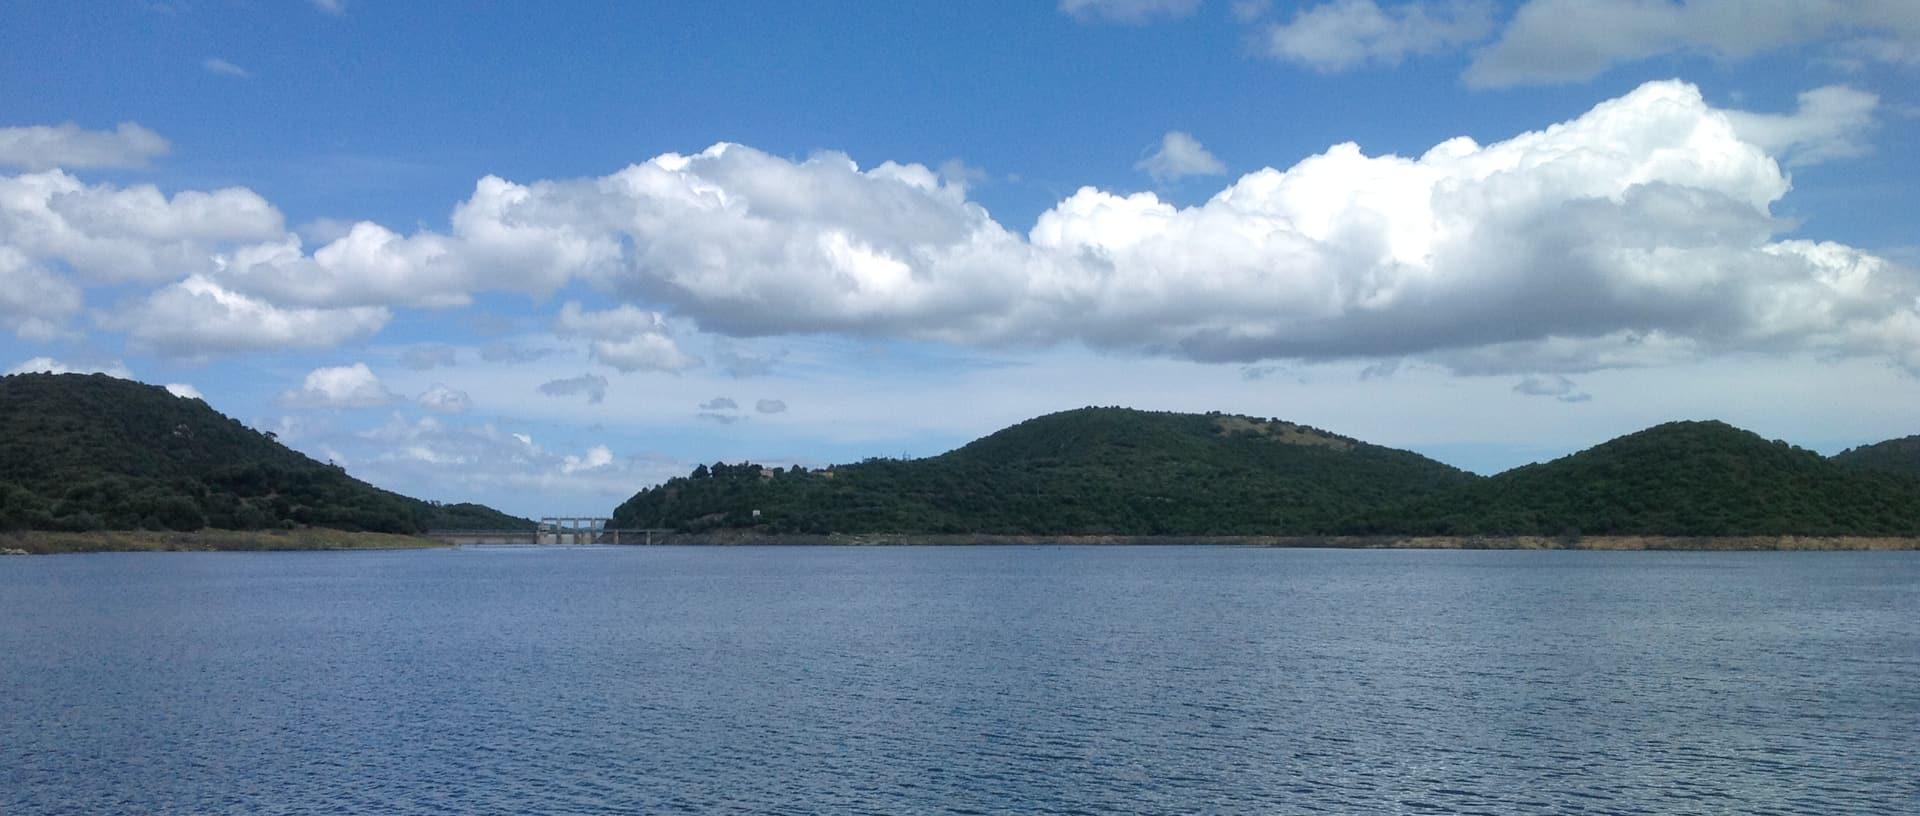 il lago del liscia visto da un'imbarcazione, con la diga sullo sfondo.